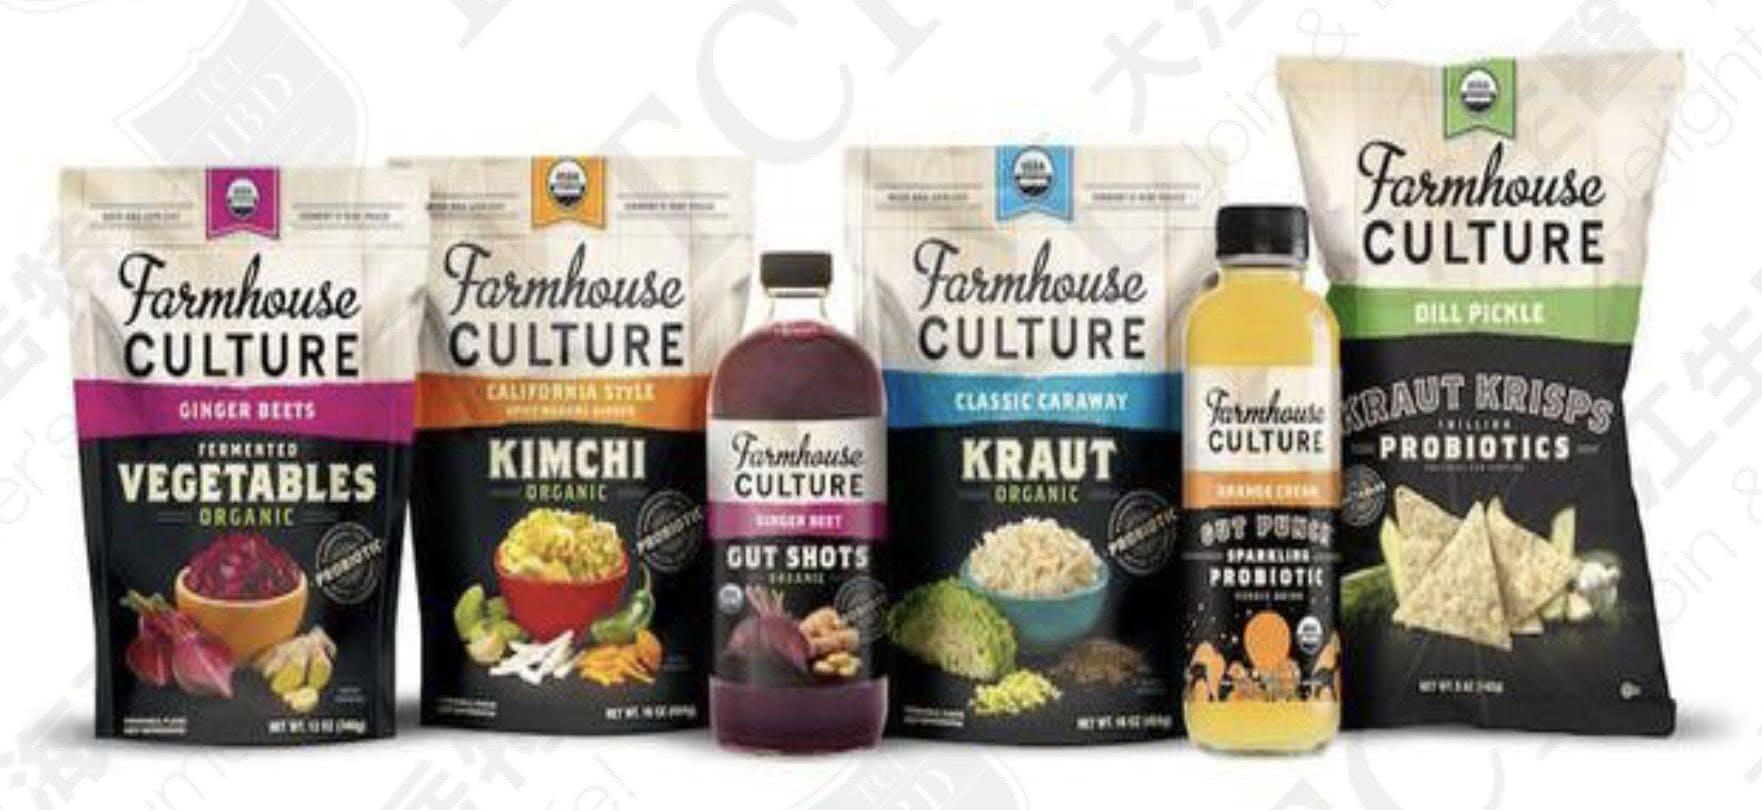 Farmhouse Culture旗下益生菌食品及飲料, 資料來源:Foodaily